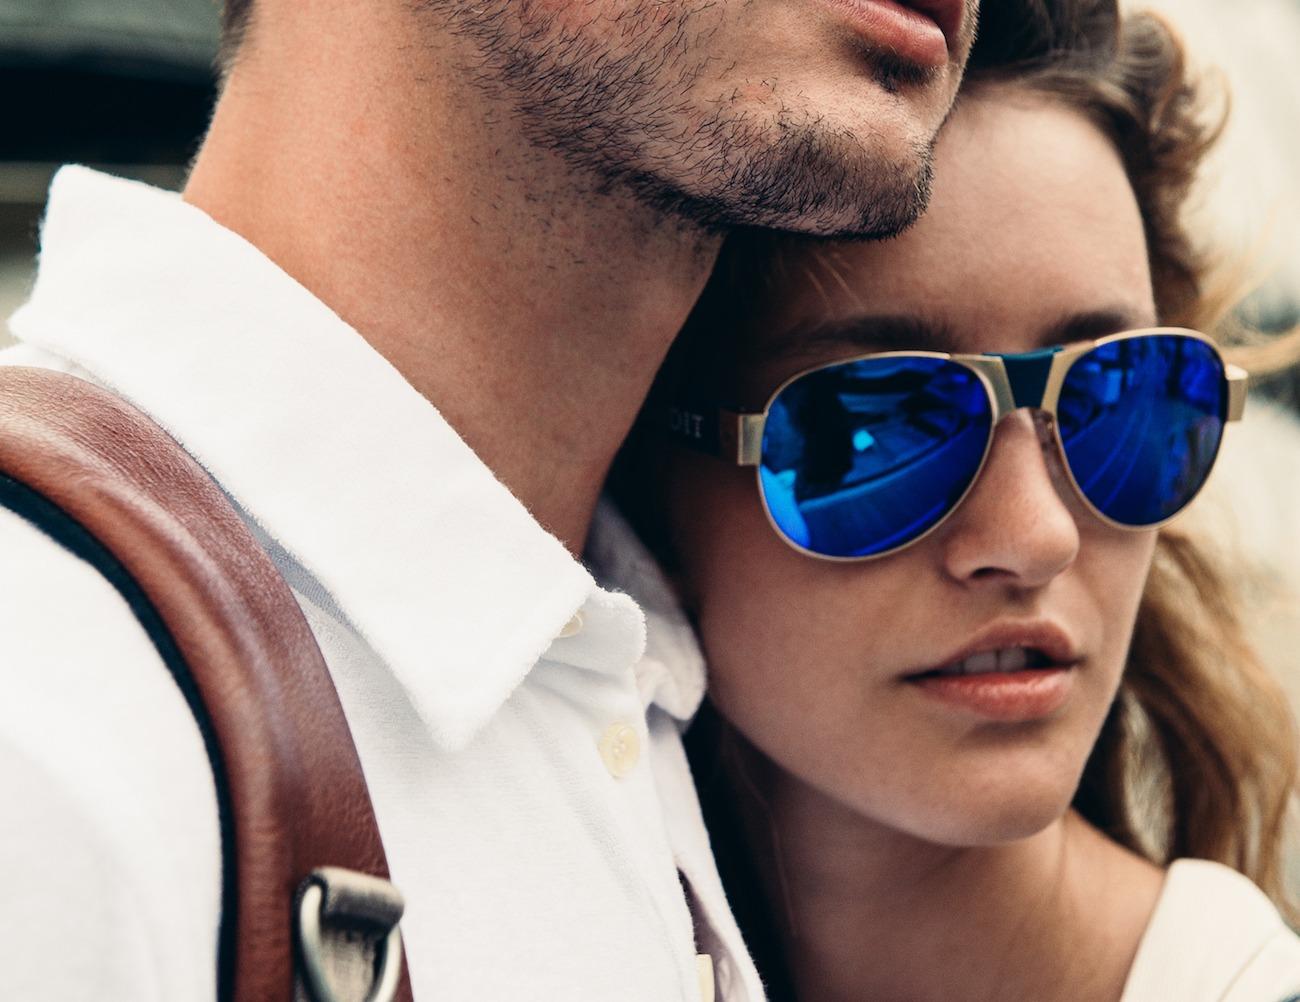 Red+Barron+Edition+Flexible+Sunglasses